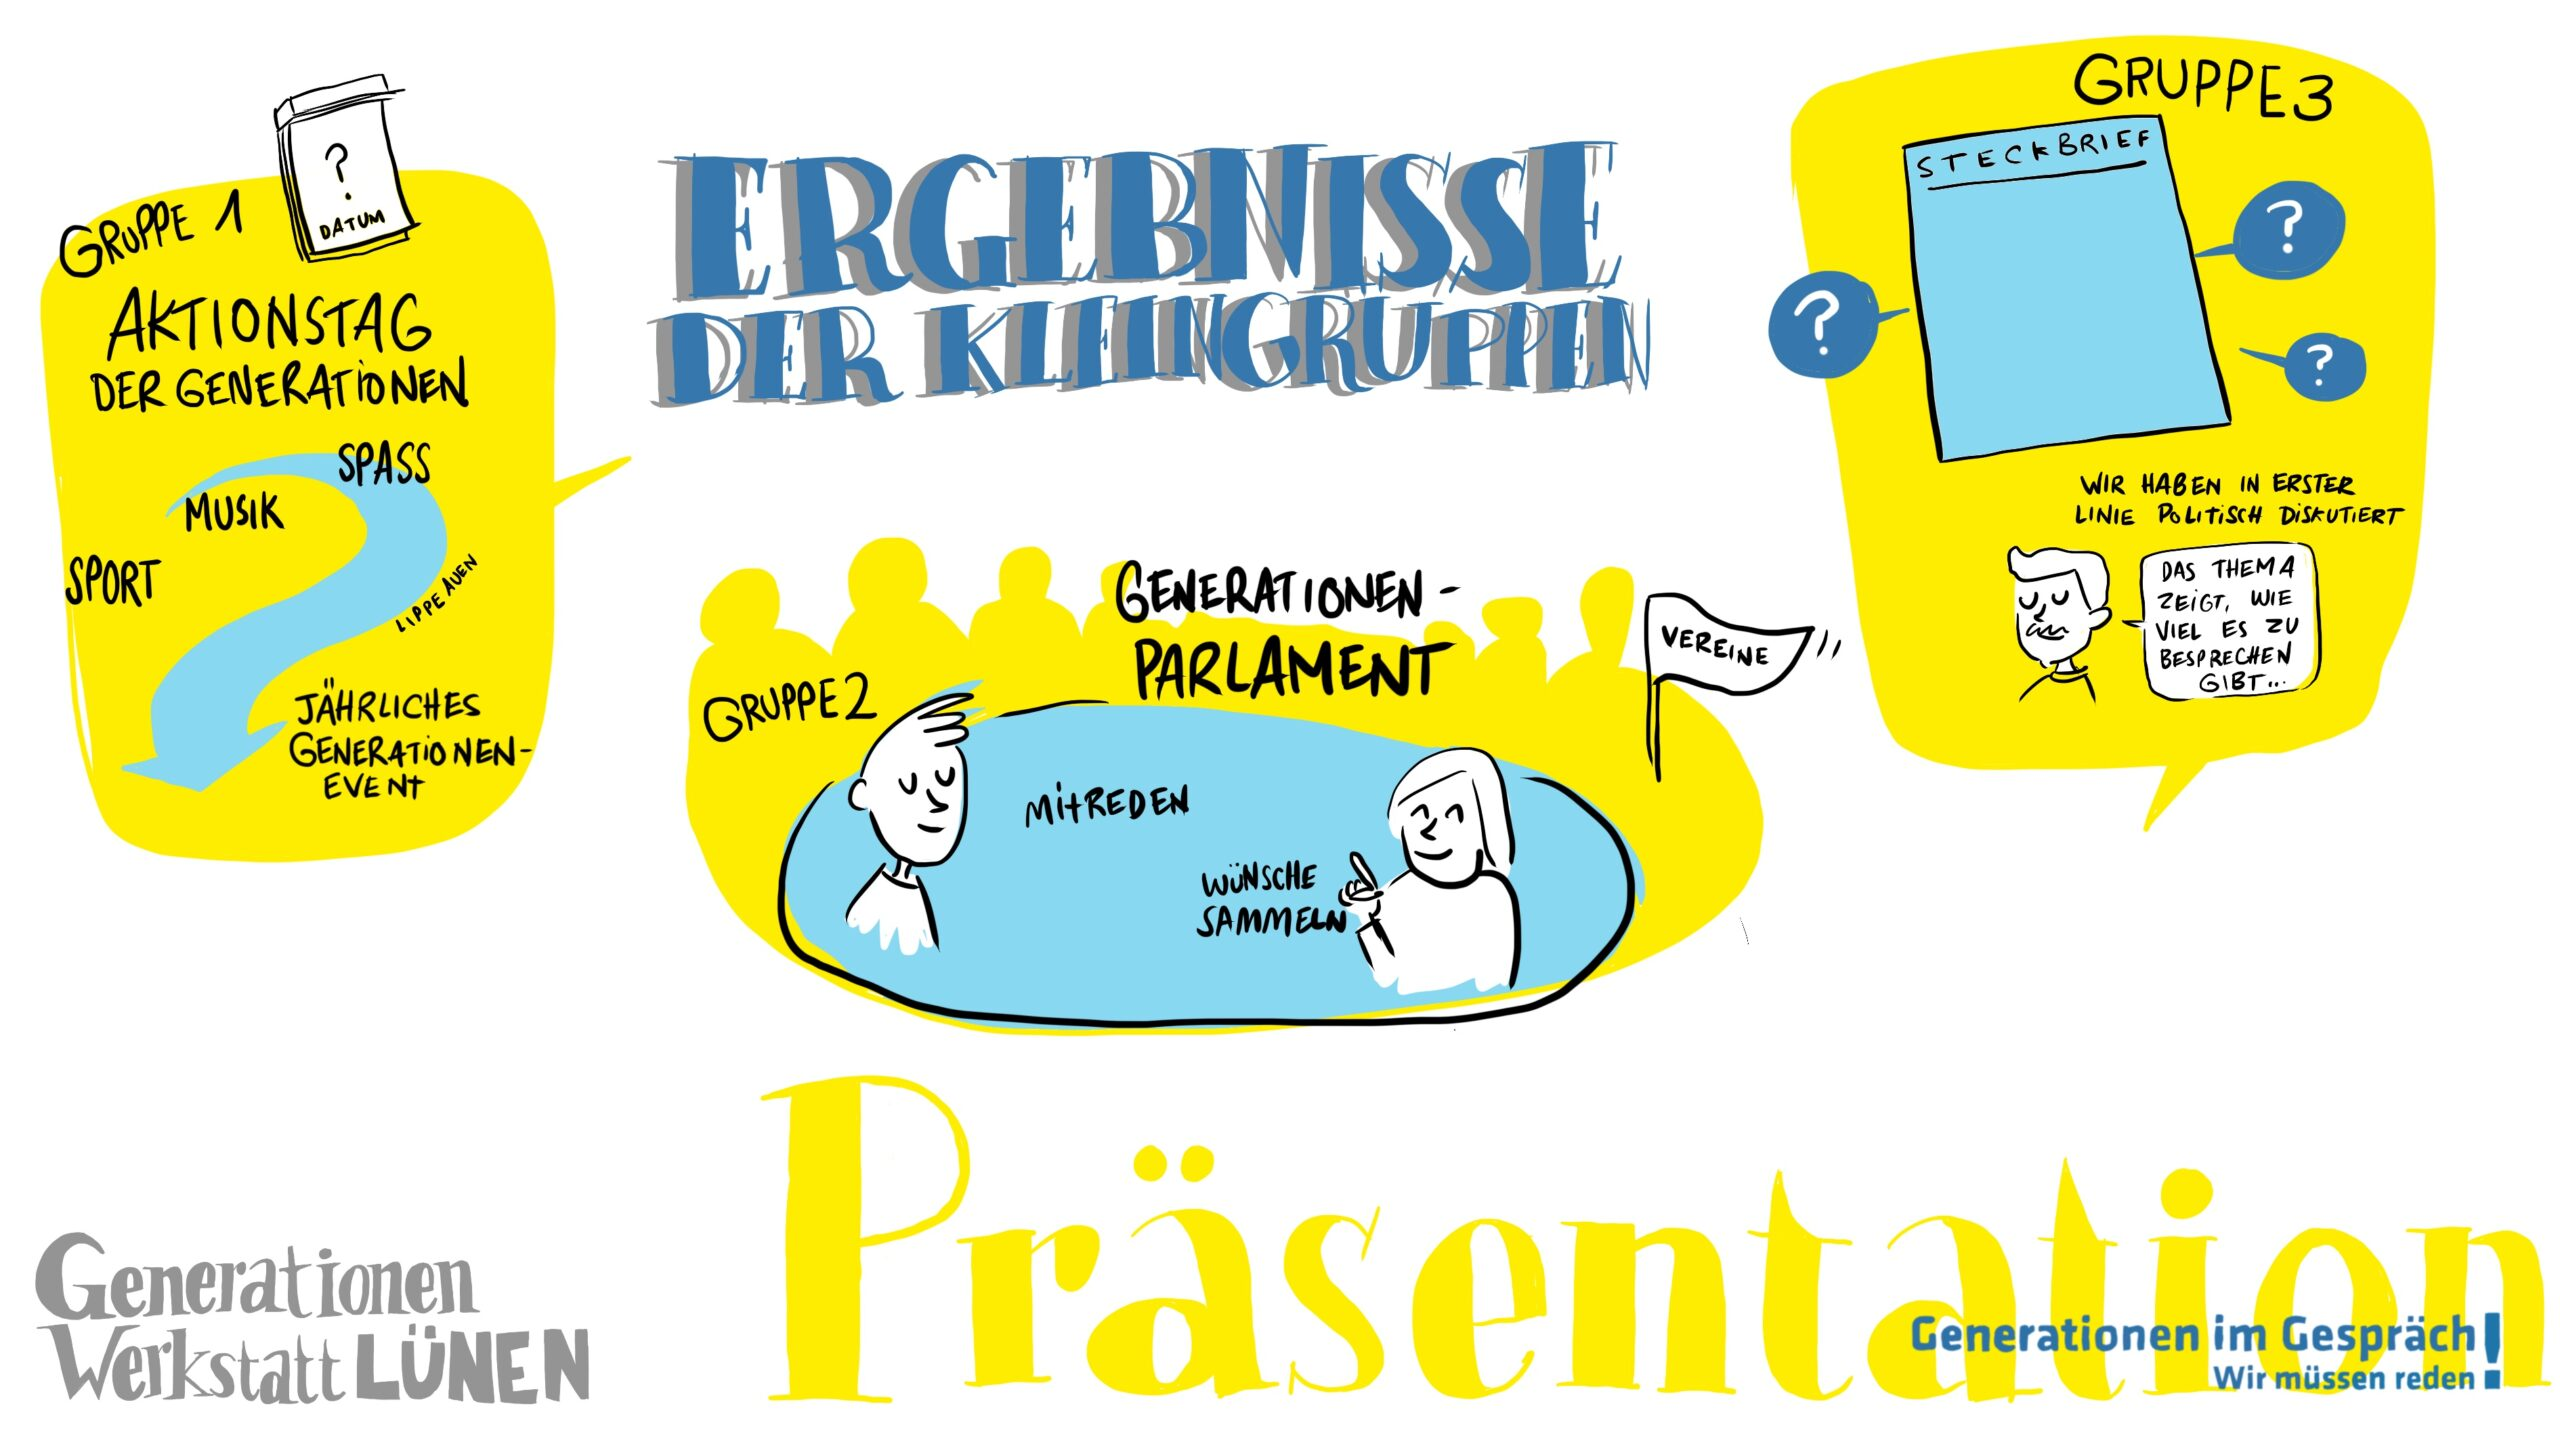 GiG_Werksatt_Lünen_11052021_04